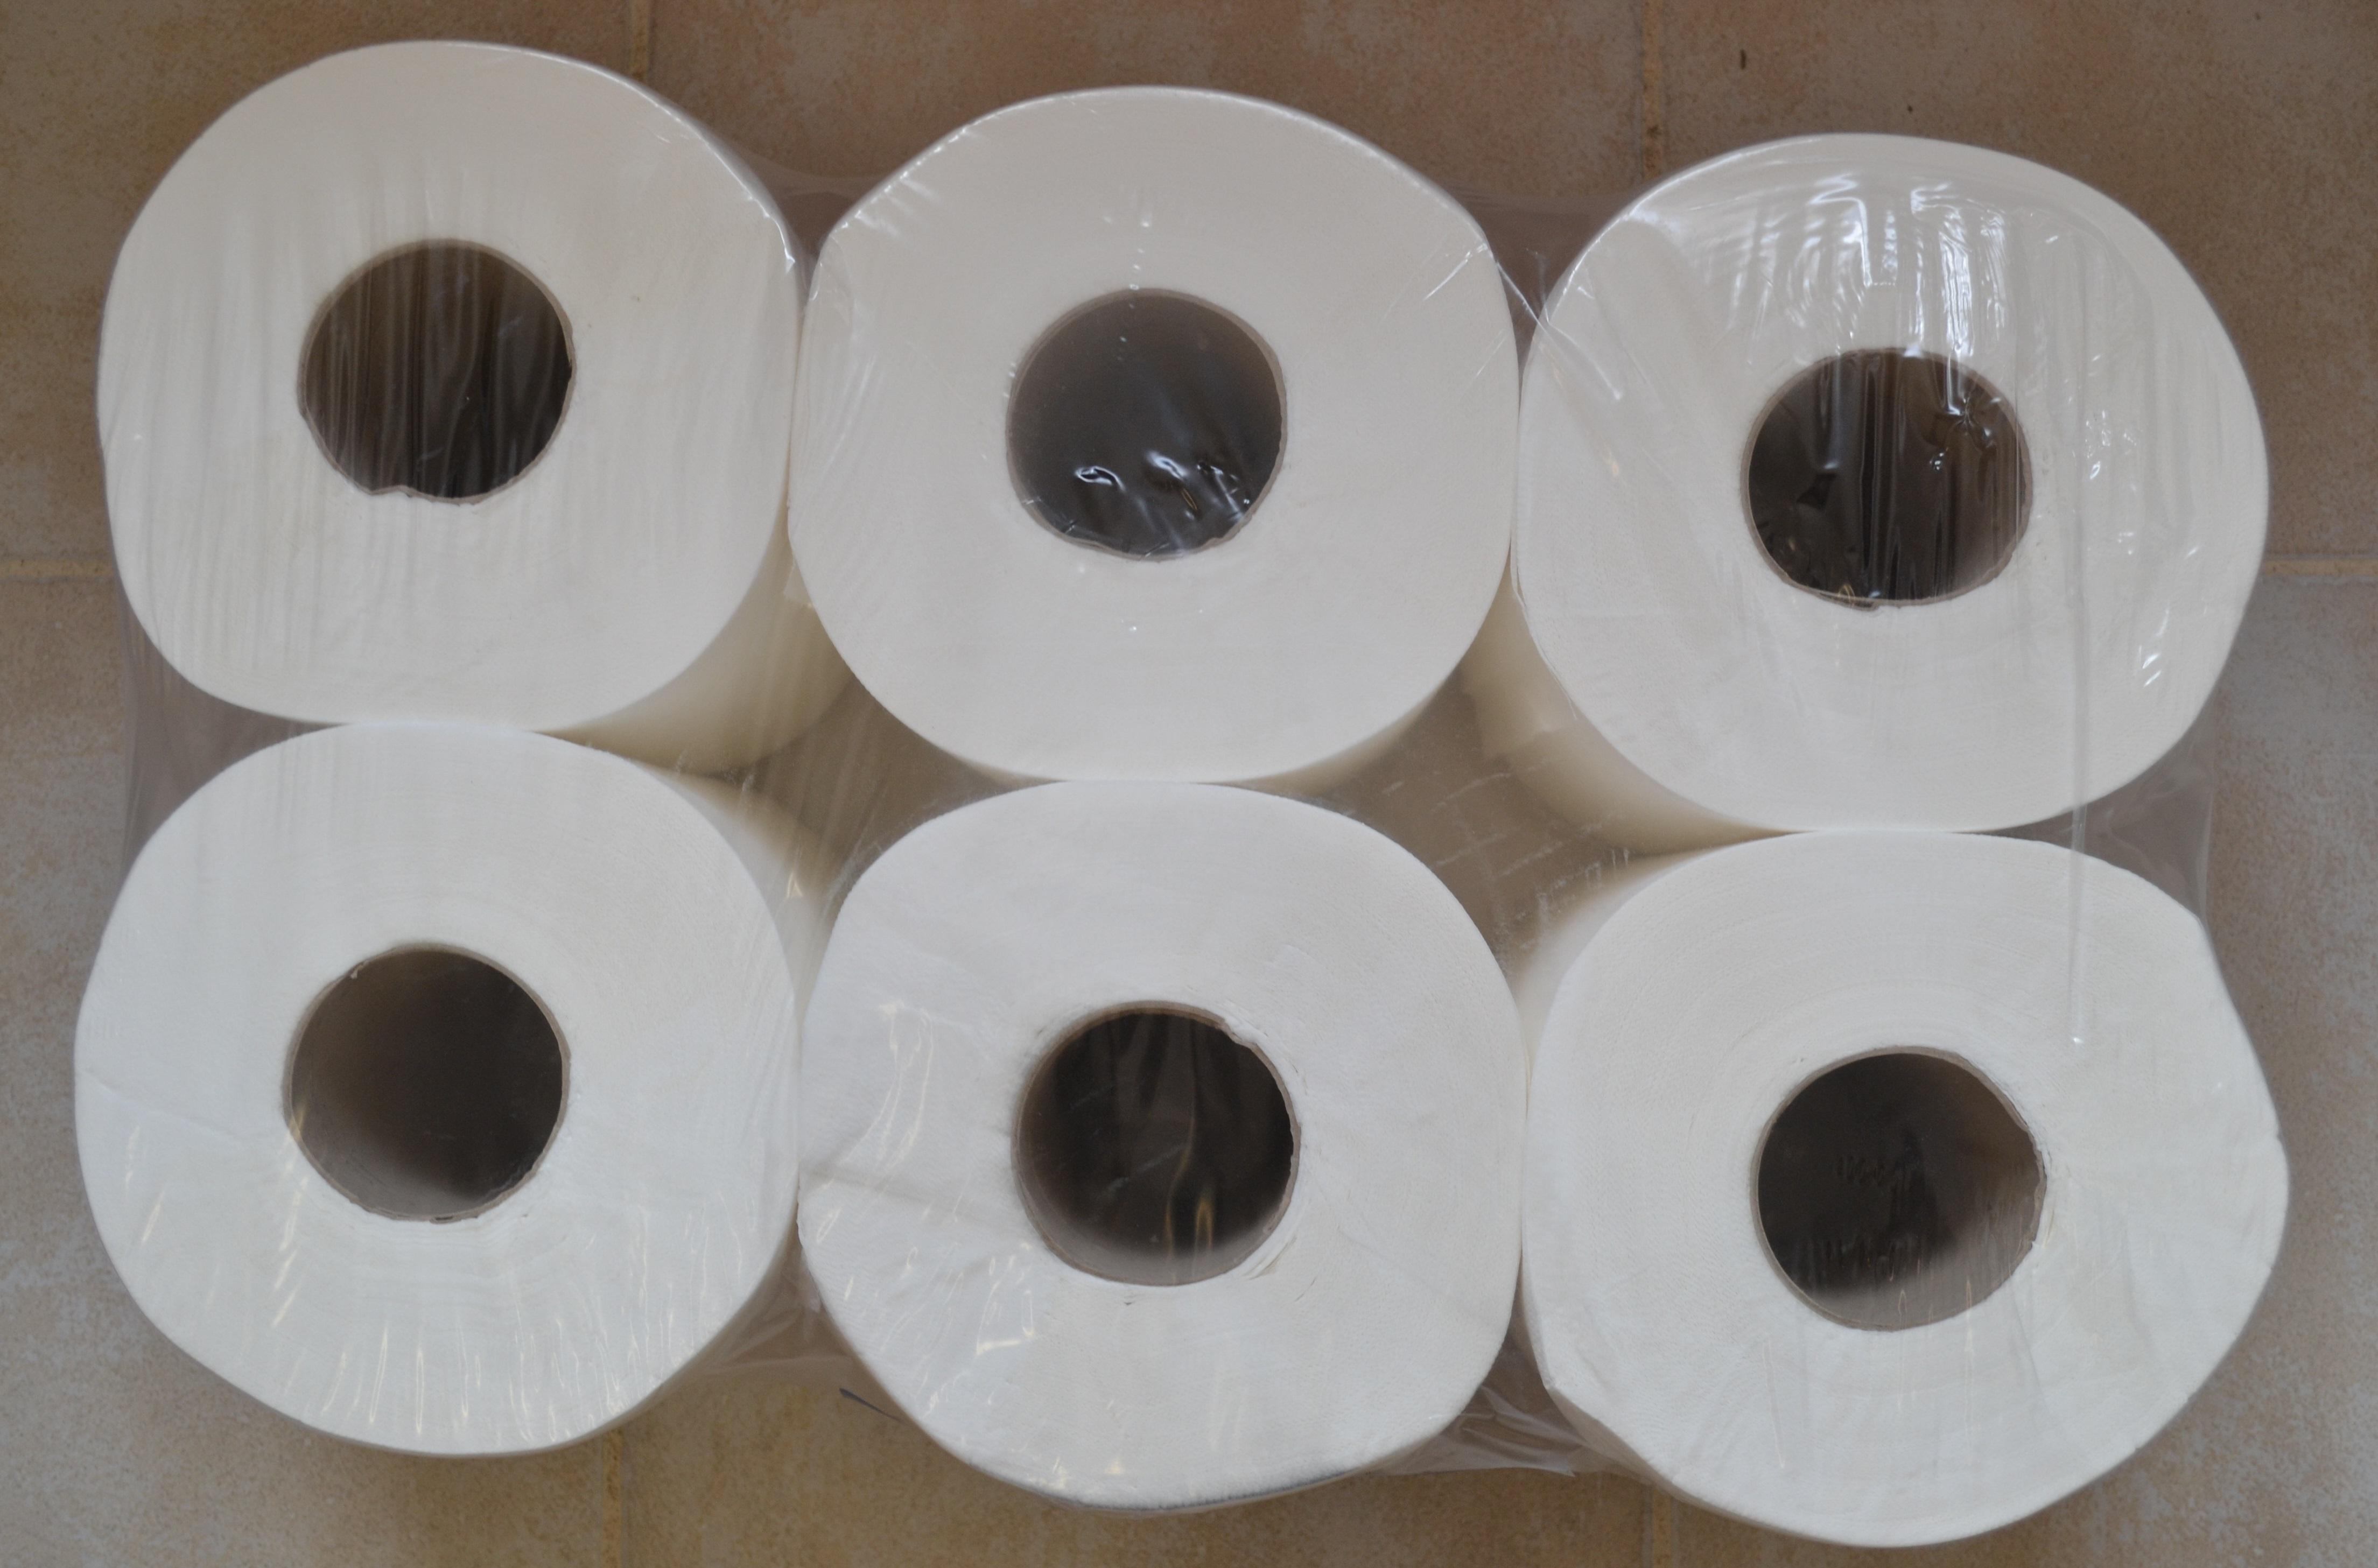 essuie tout bobine professionnel x 6 alpes alimentaire distribution alpes alimentaire. Black Bedroom Furniture Sets. Home Design Ideas